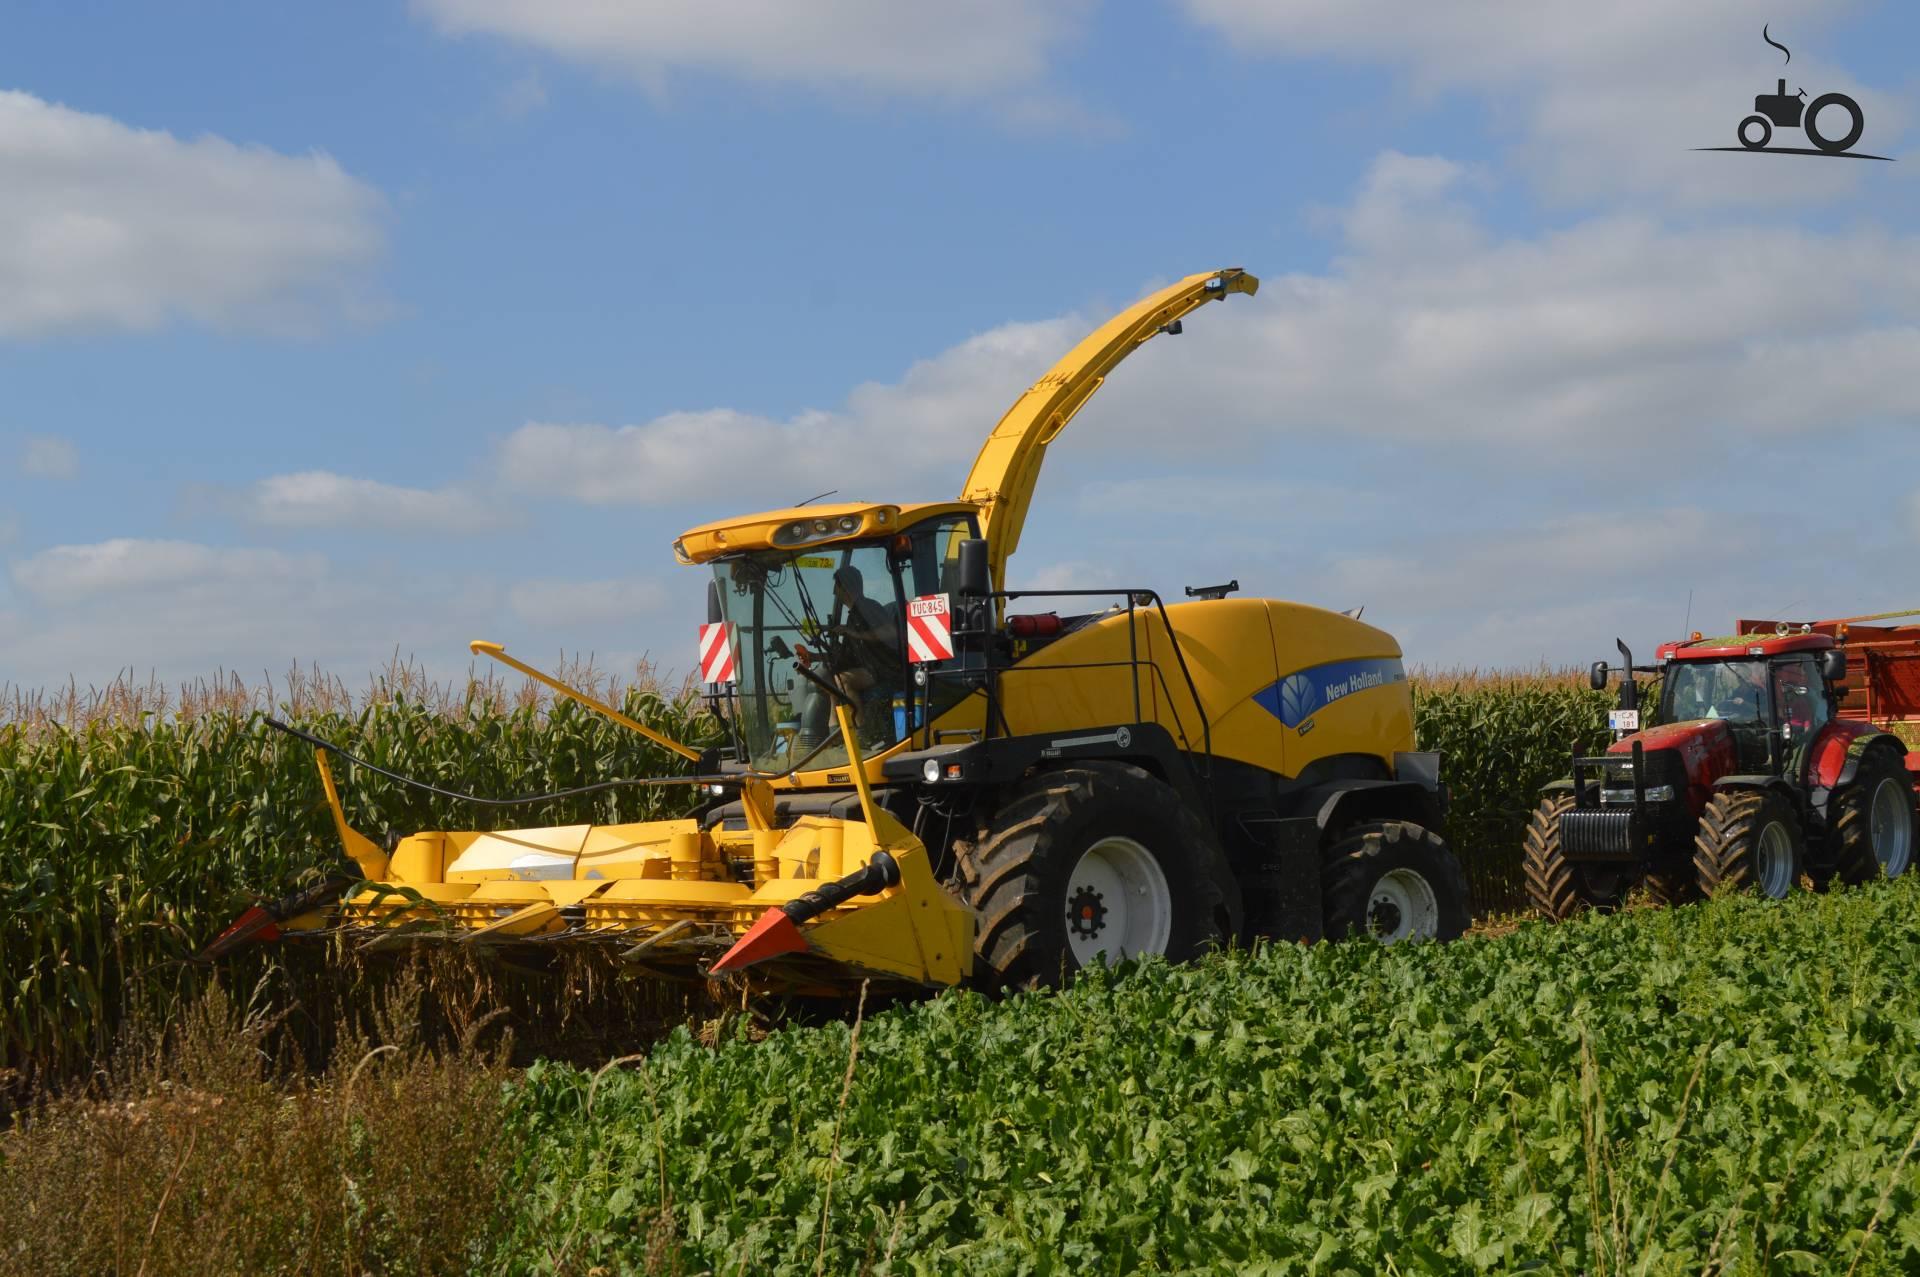 New Holland FR 9080 van wouter05 Druk bezig met maïs hakselen..